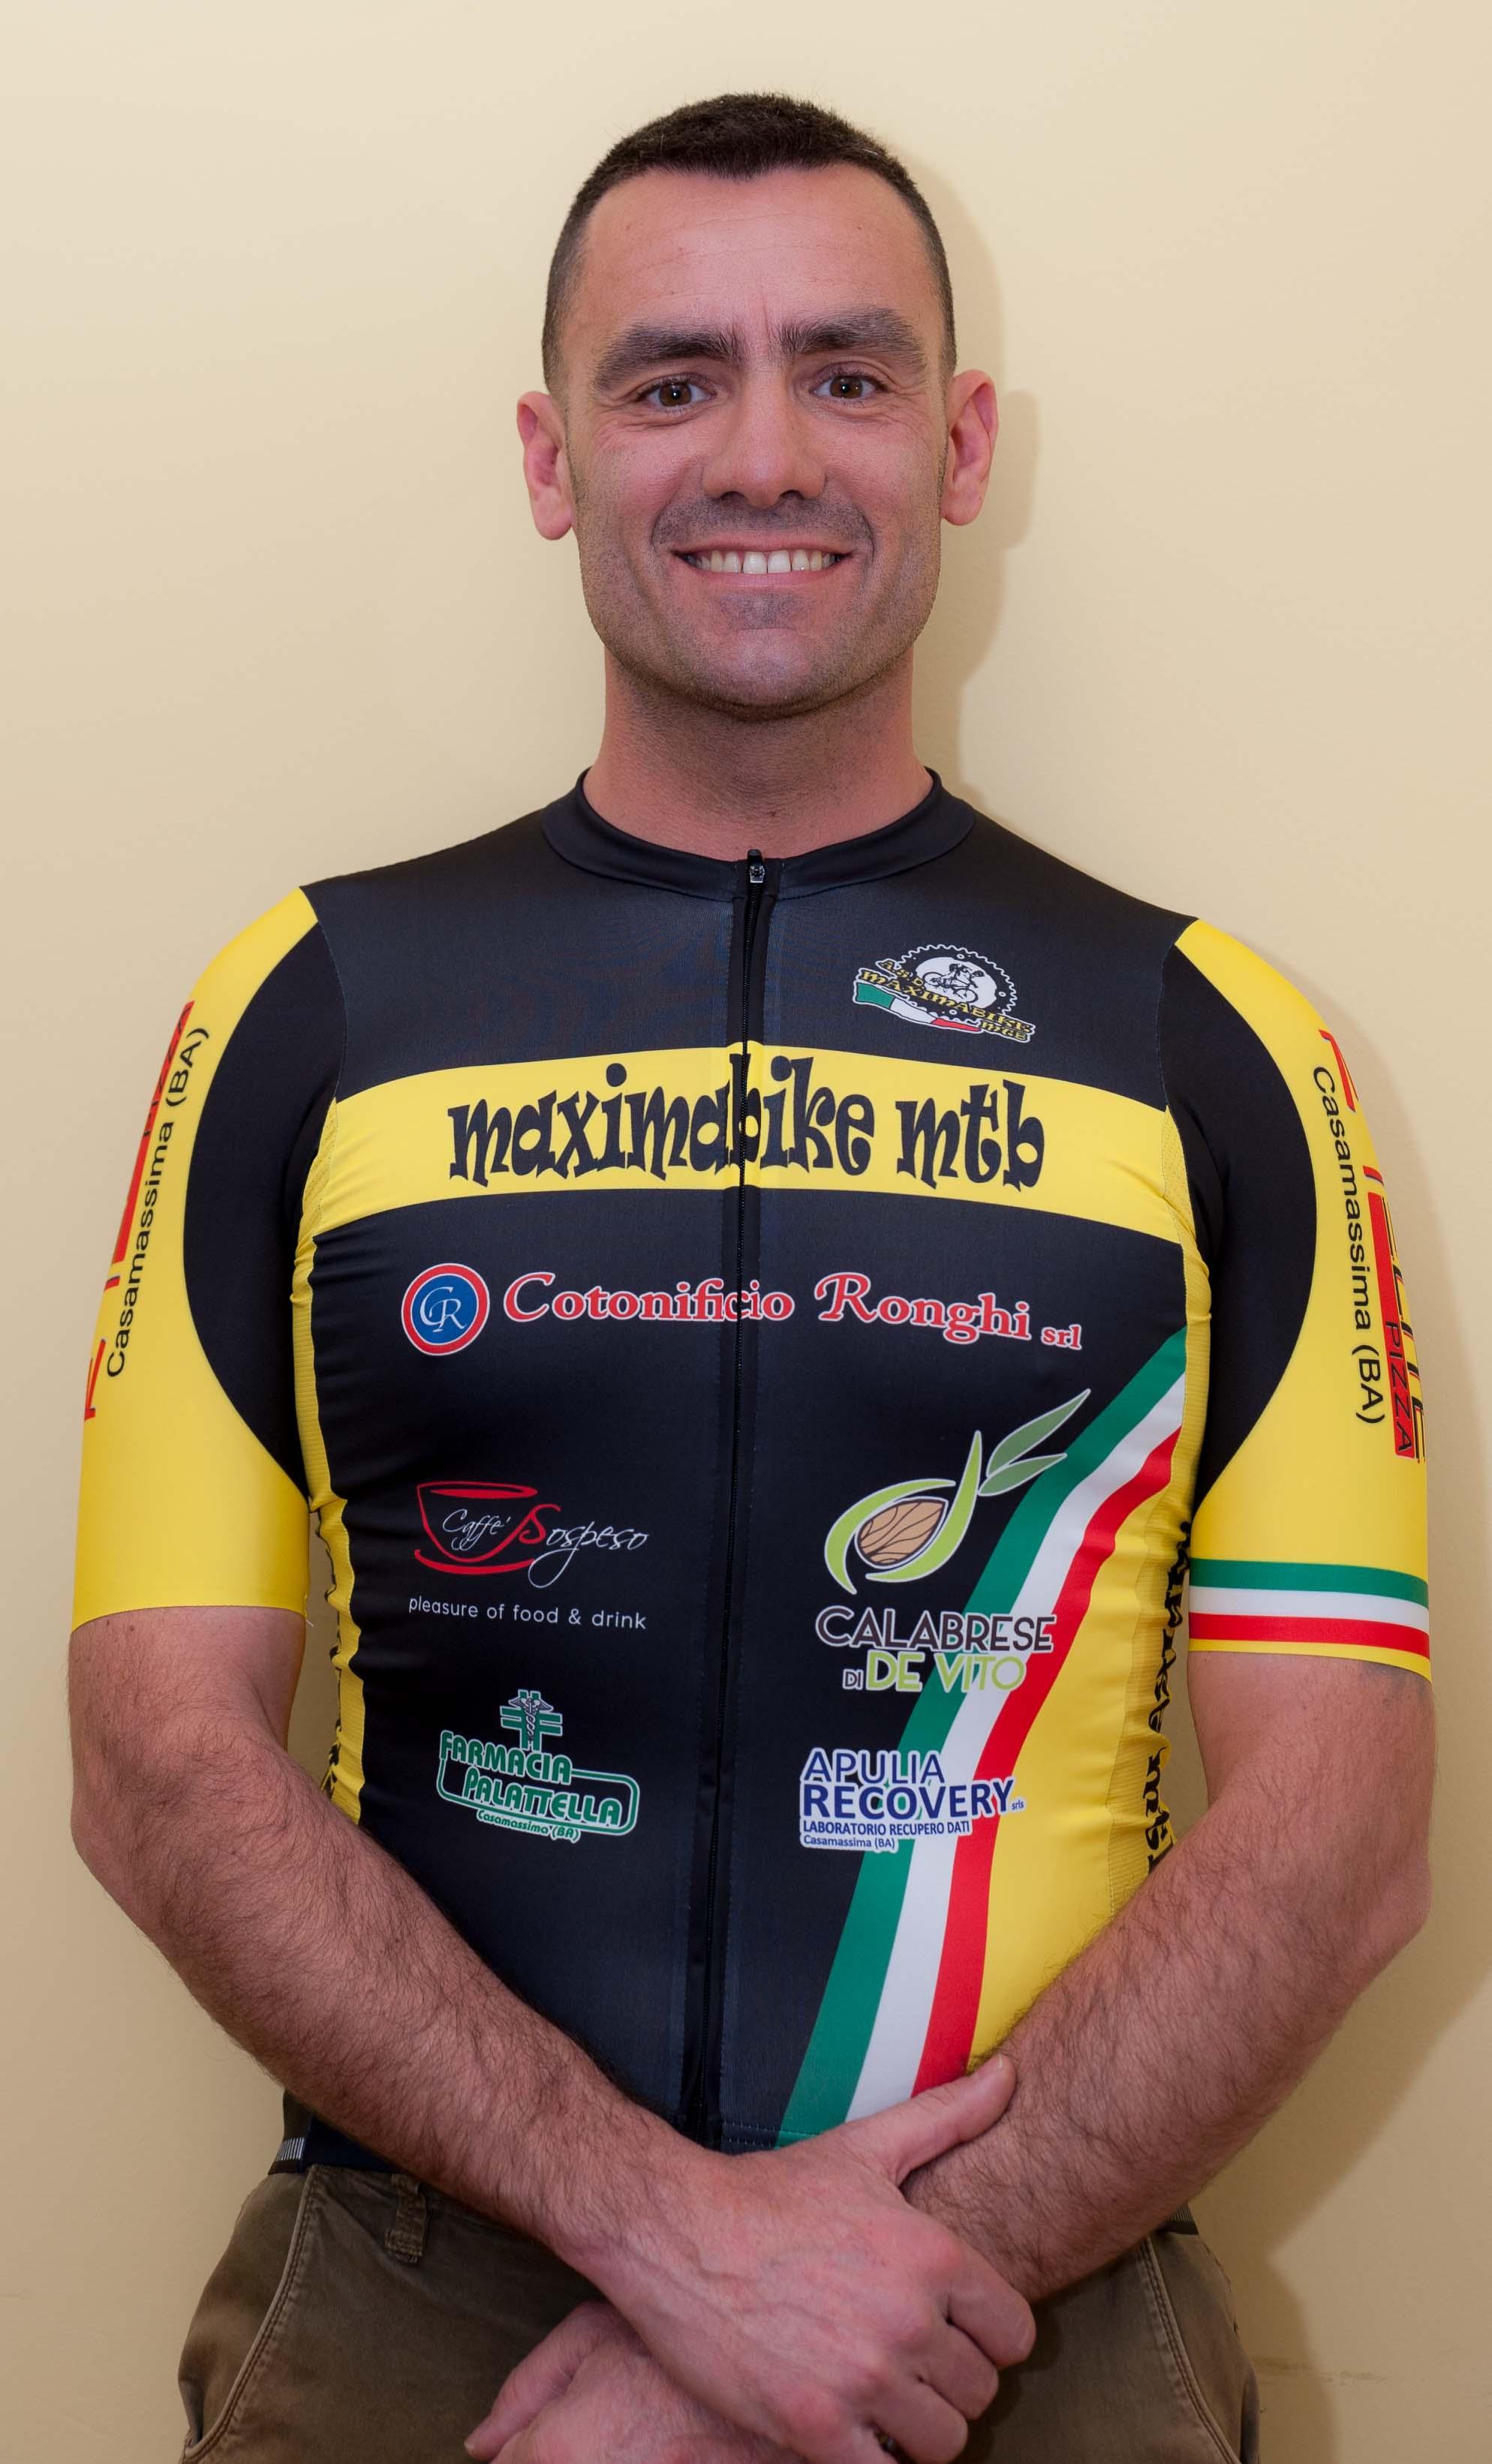 Ingaldo Massimiliano